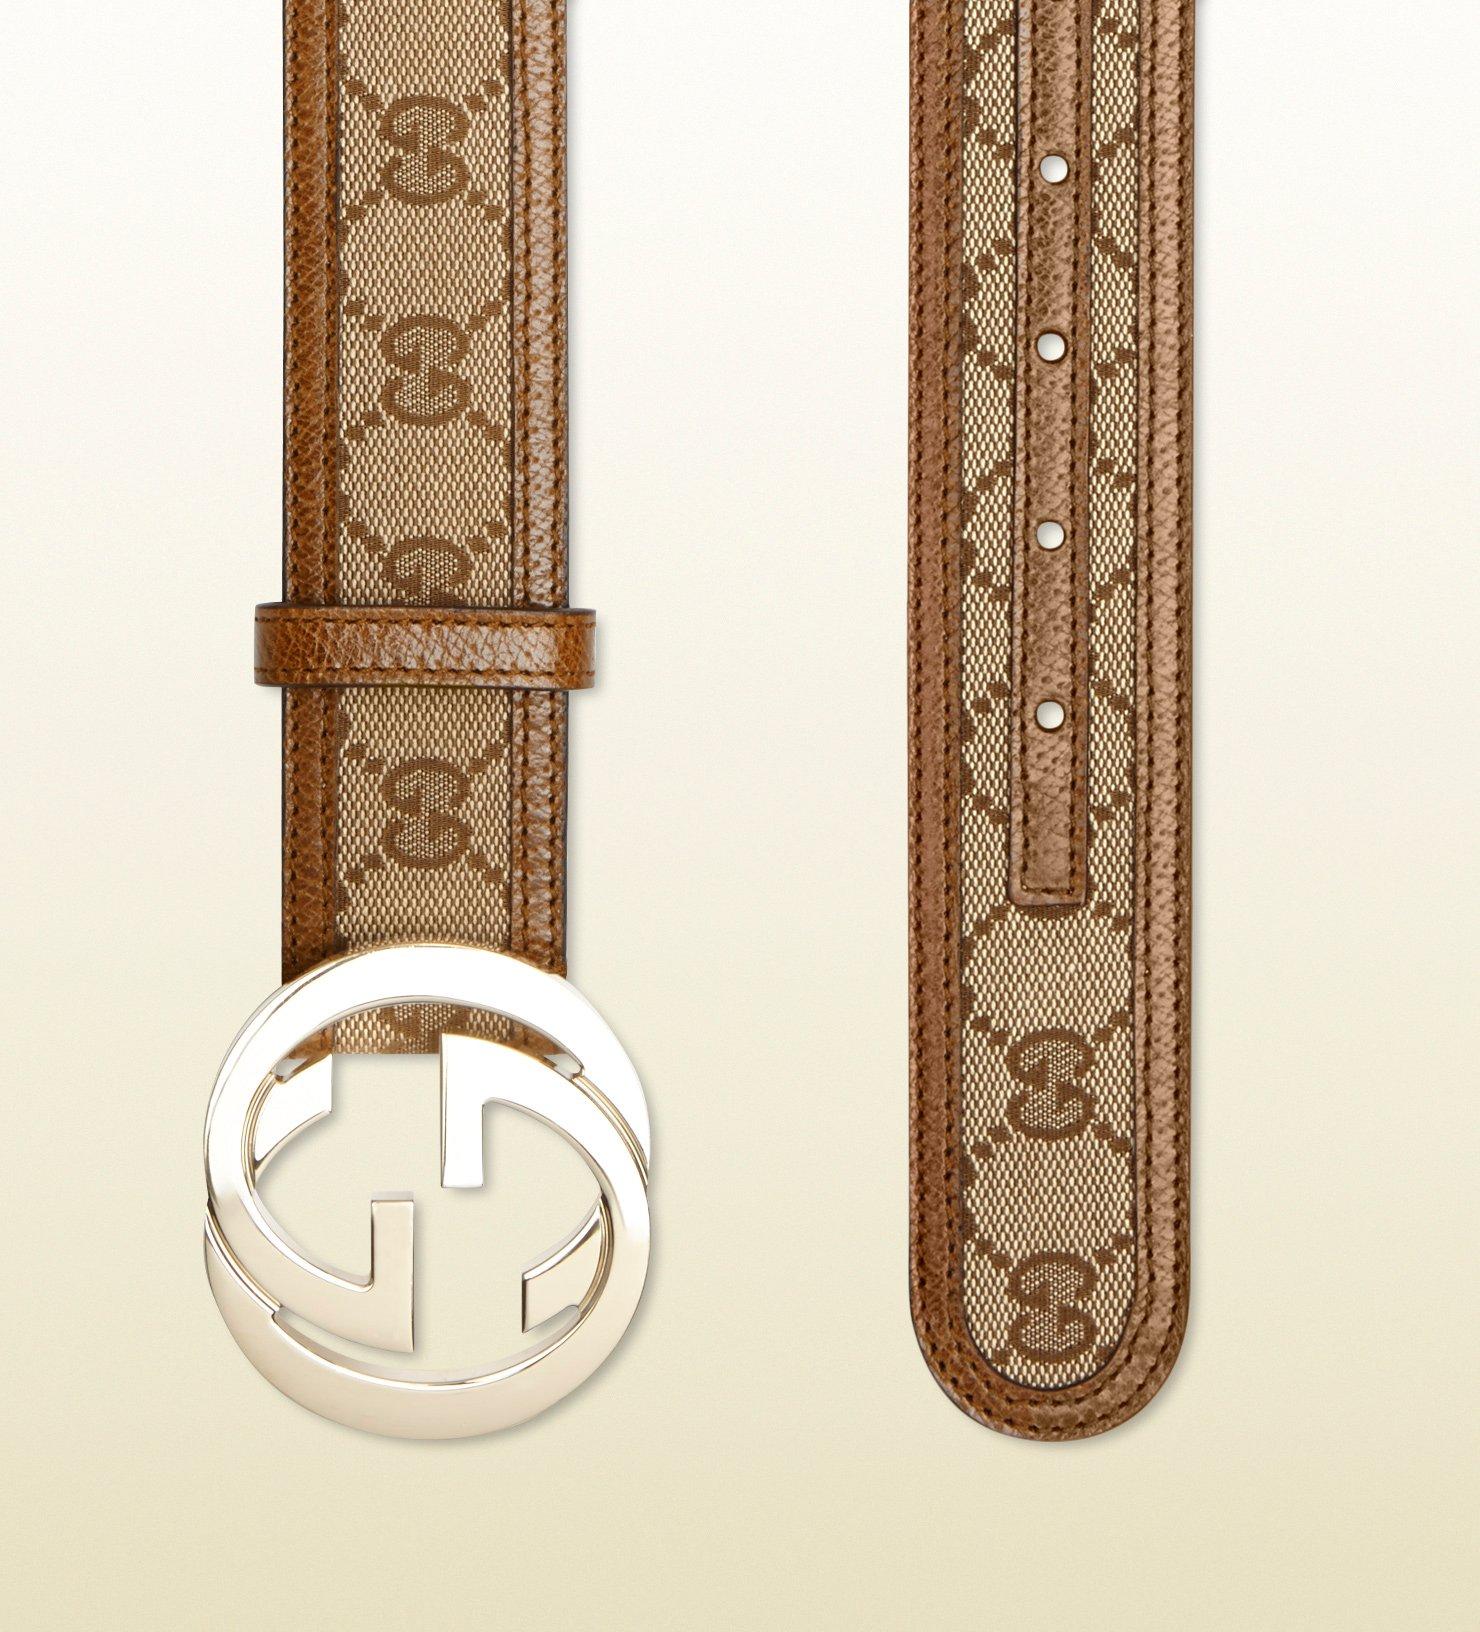 ef78eee1174 Lyst - Gucci Original Gg Canvas Belt With Interlocking G Buckle in ...